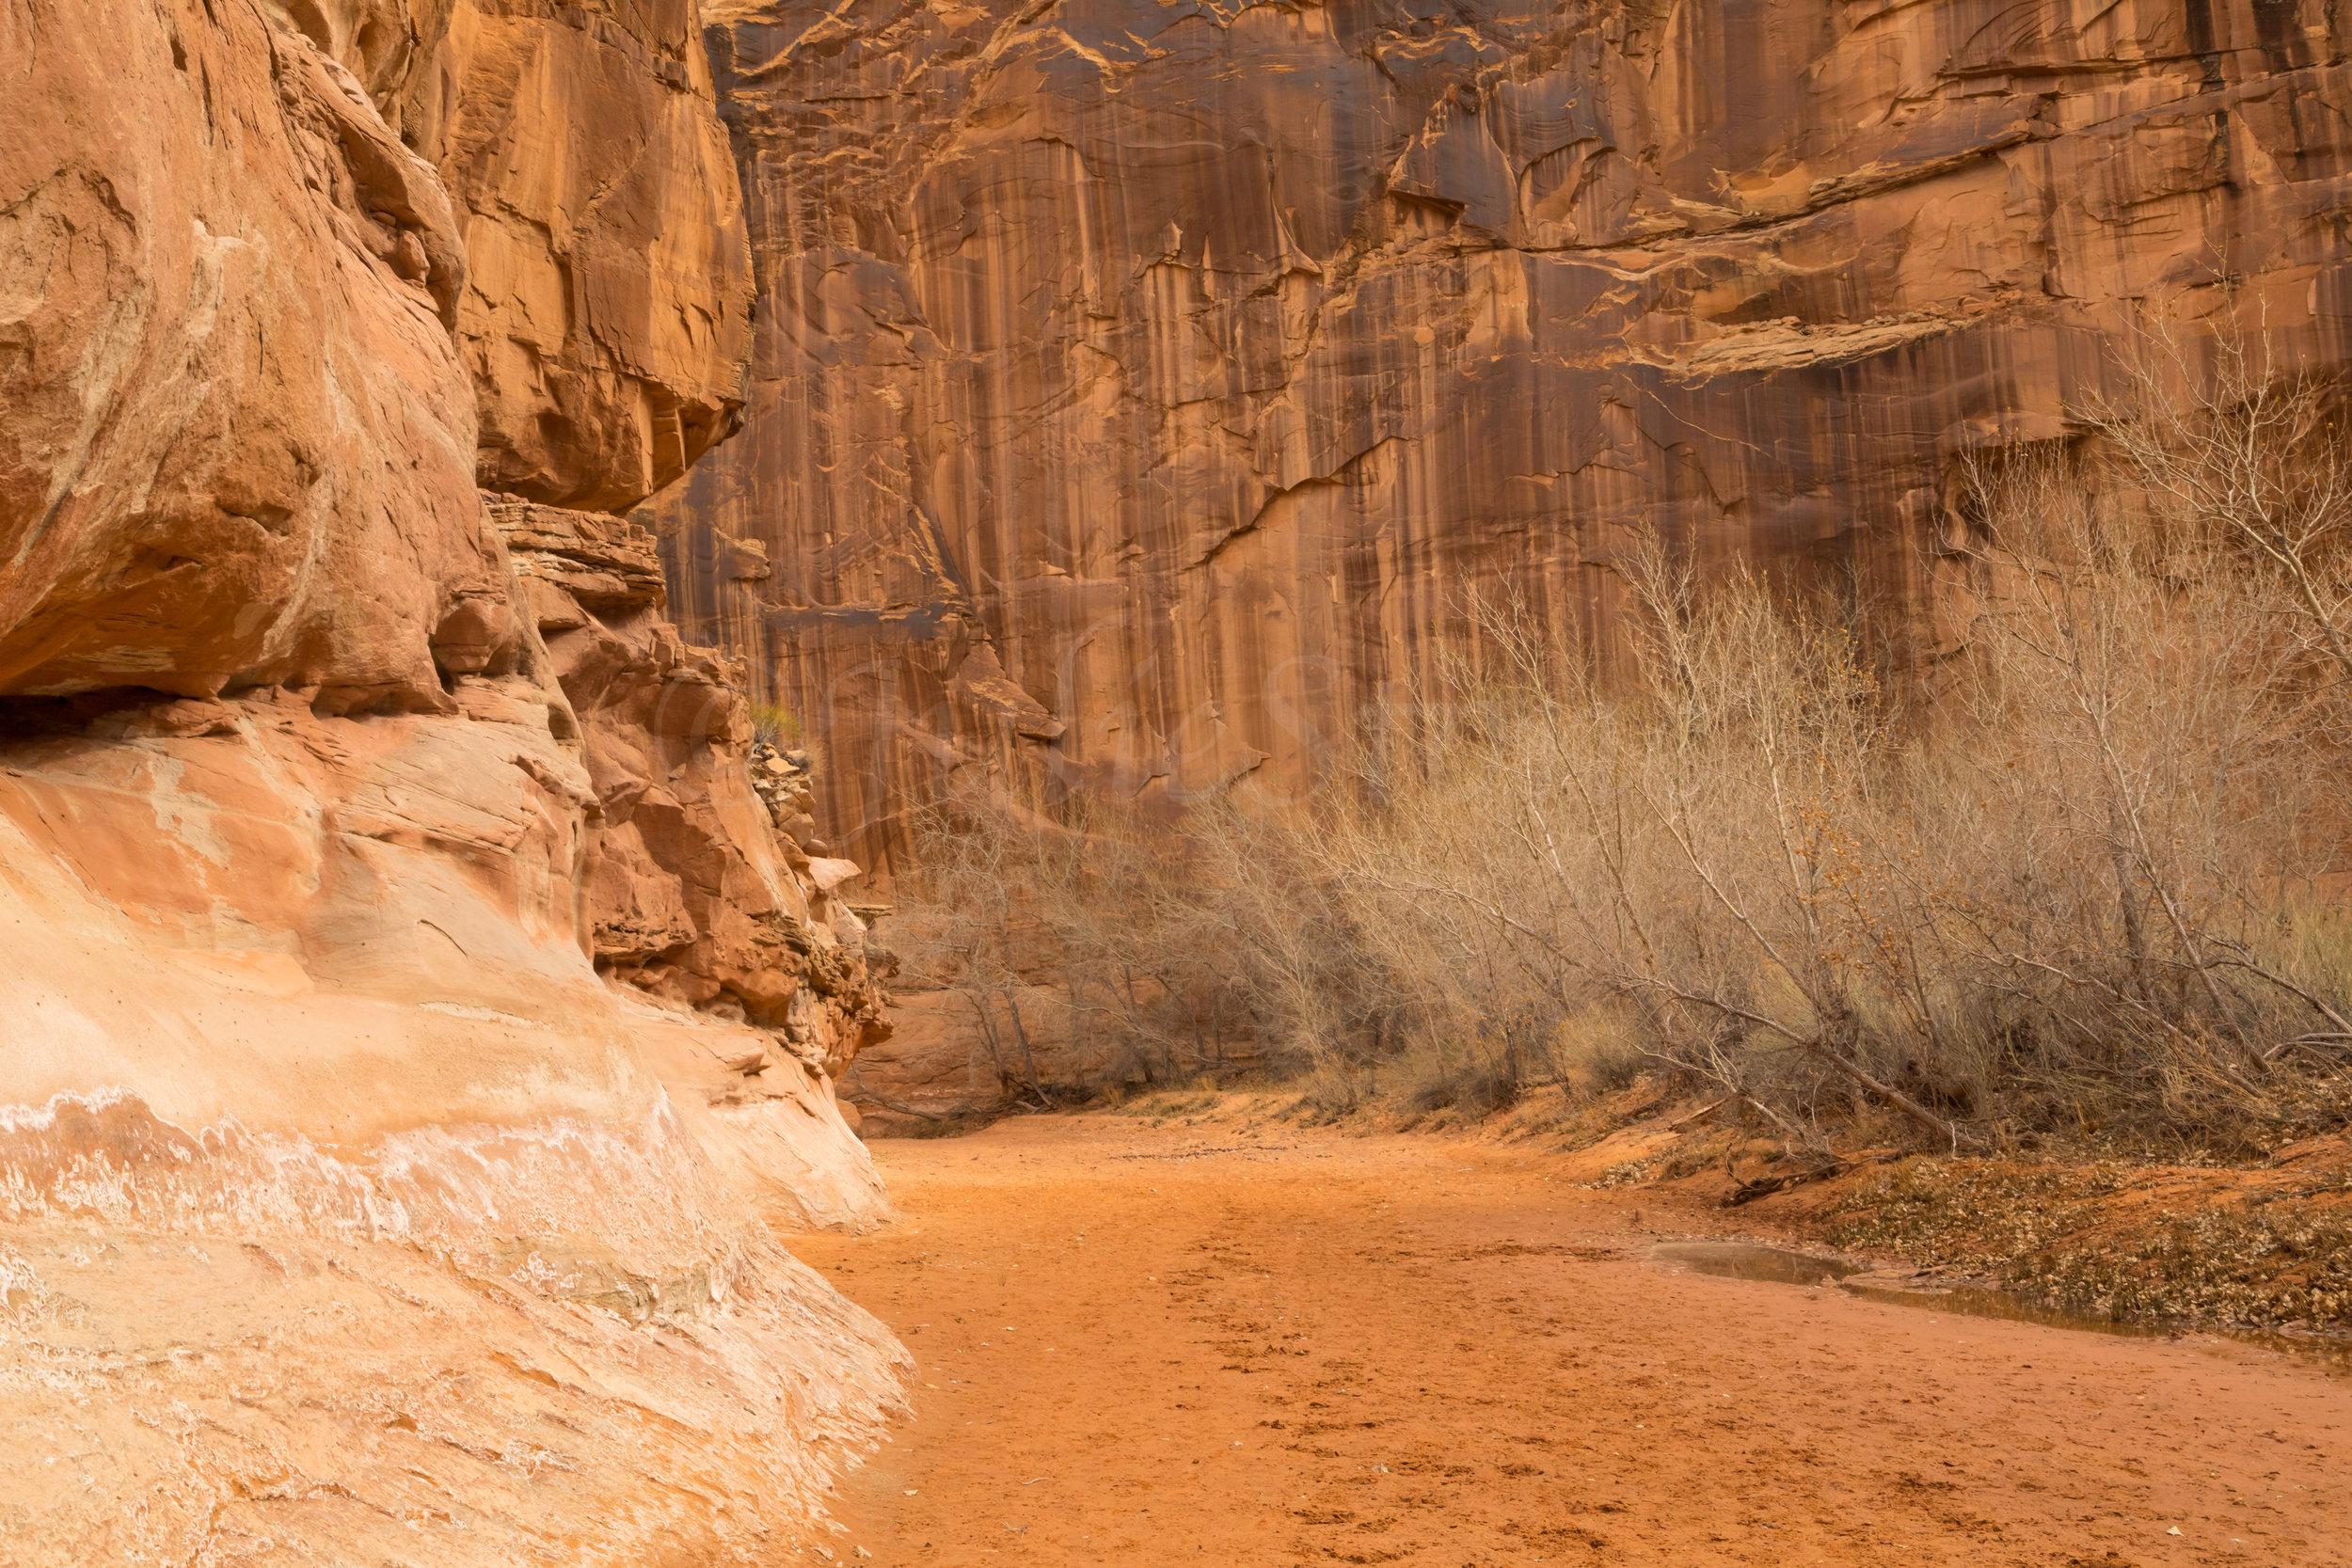 Horseshoe Canyon, Image # 8819